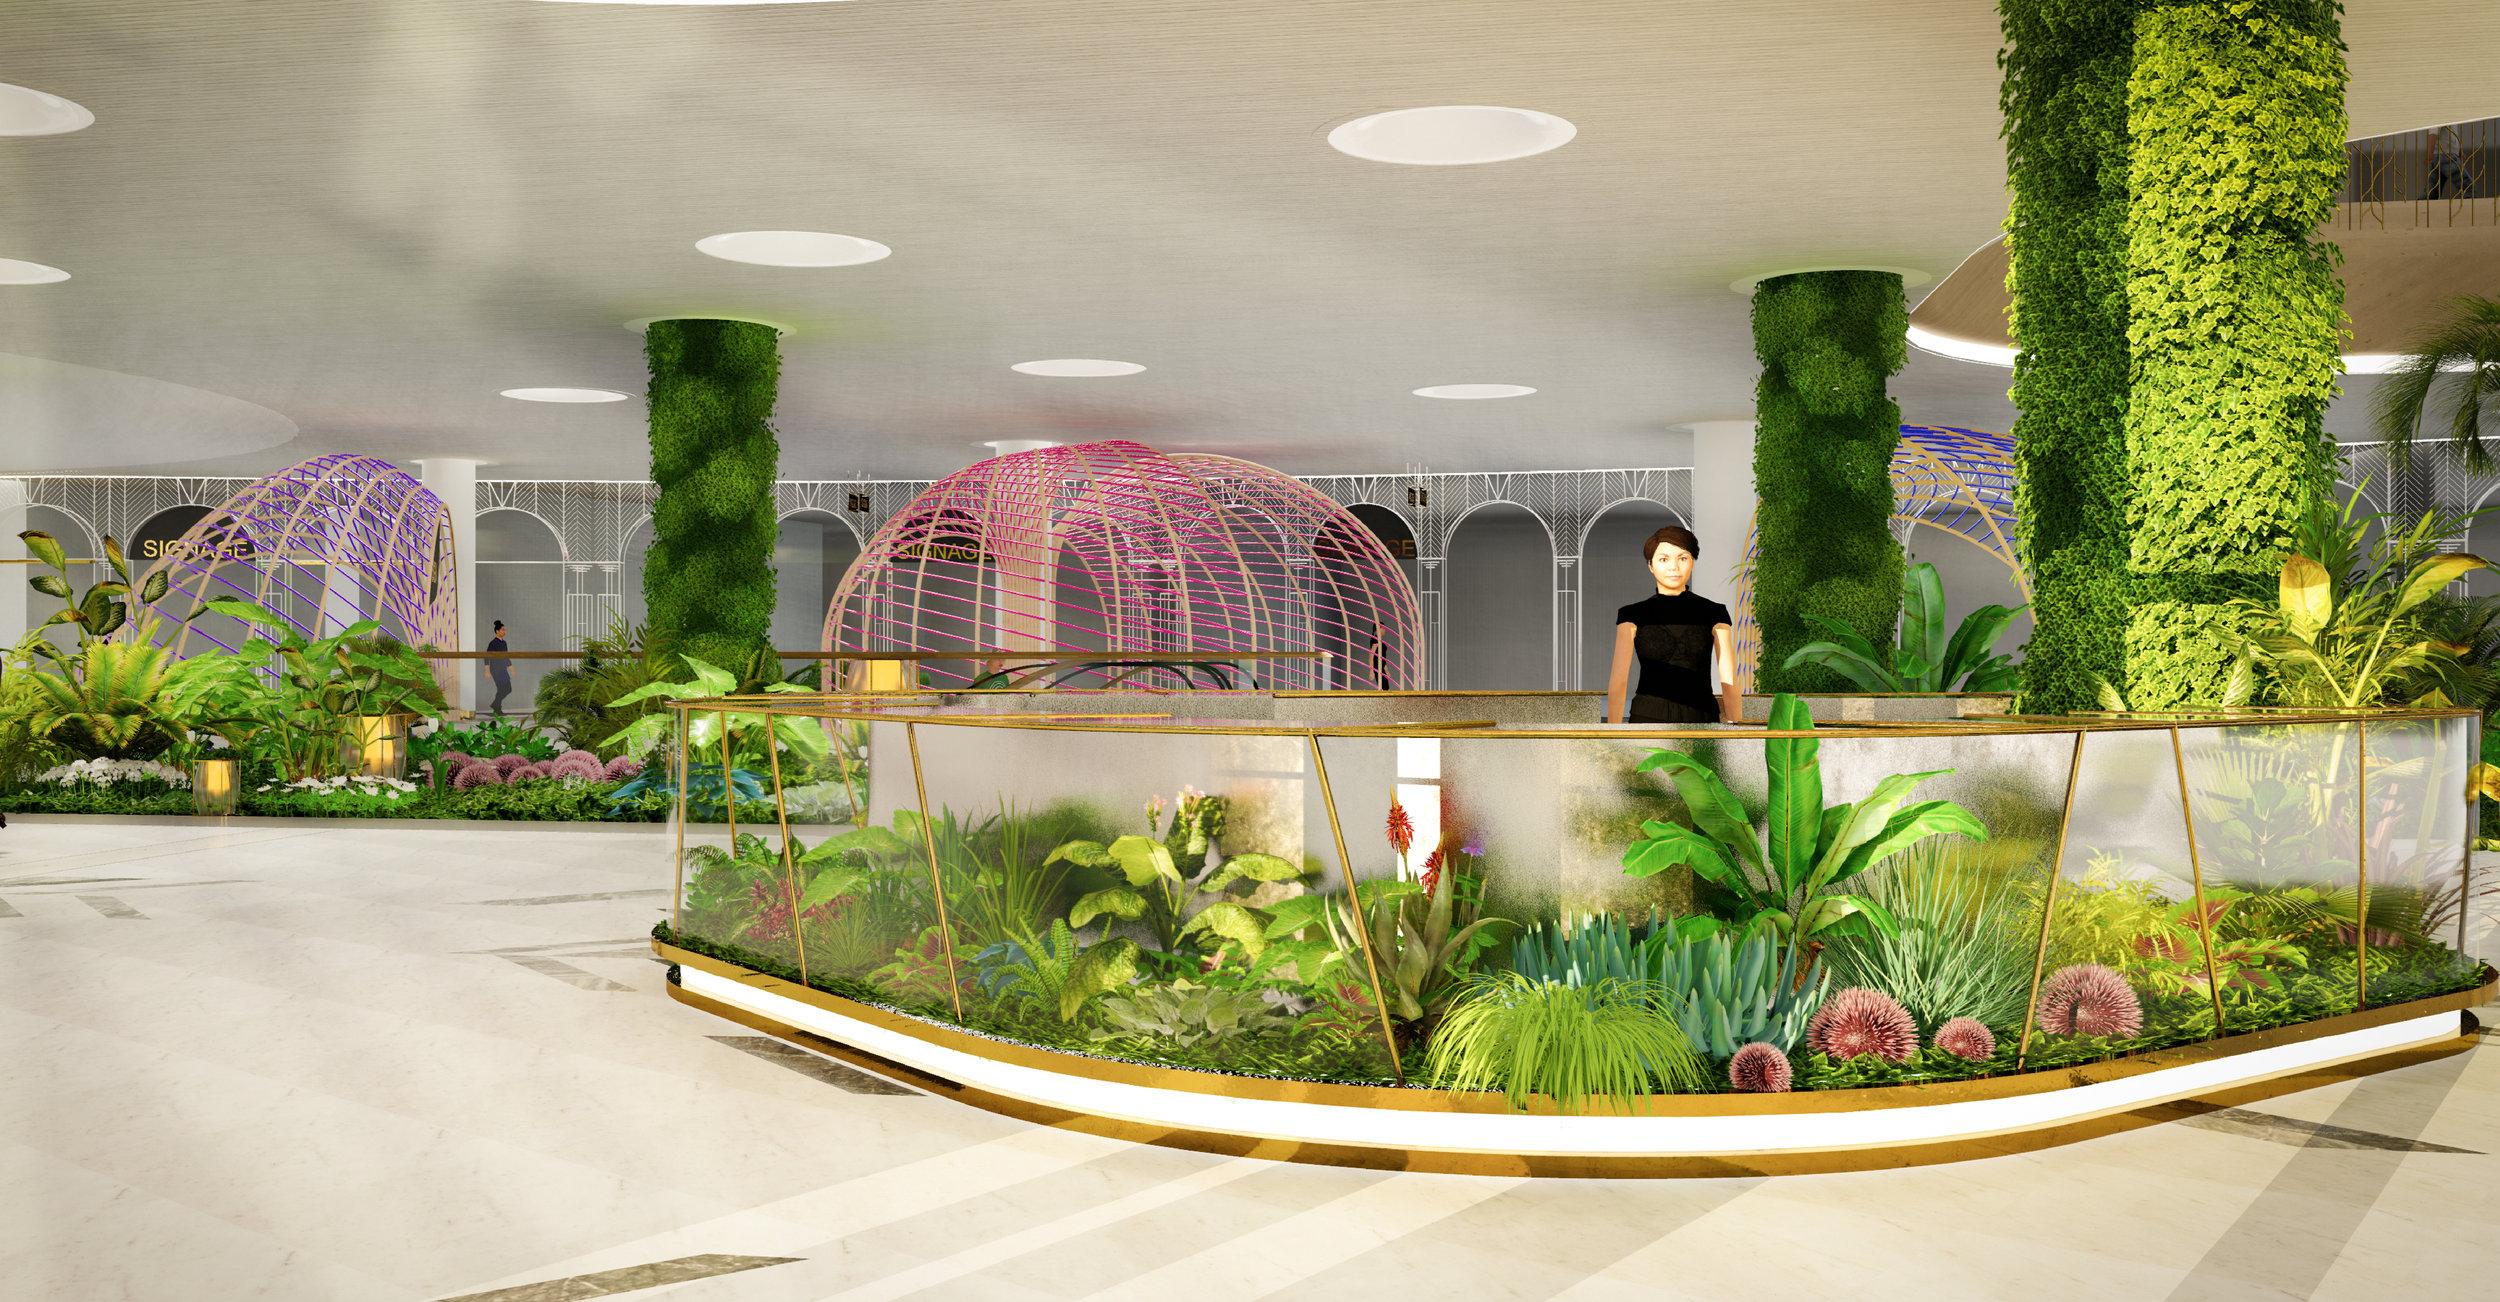 © Copyright Studio DS 2018 - the Cove Interior Design